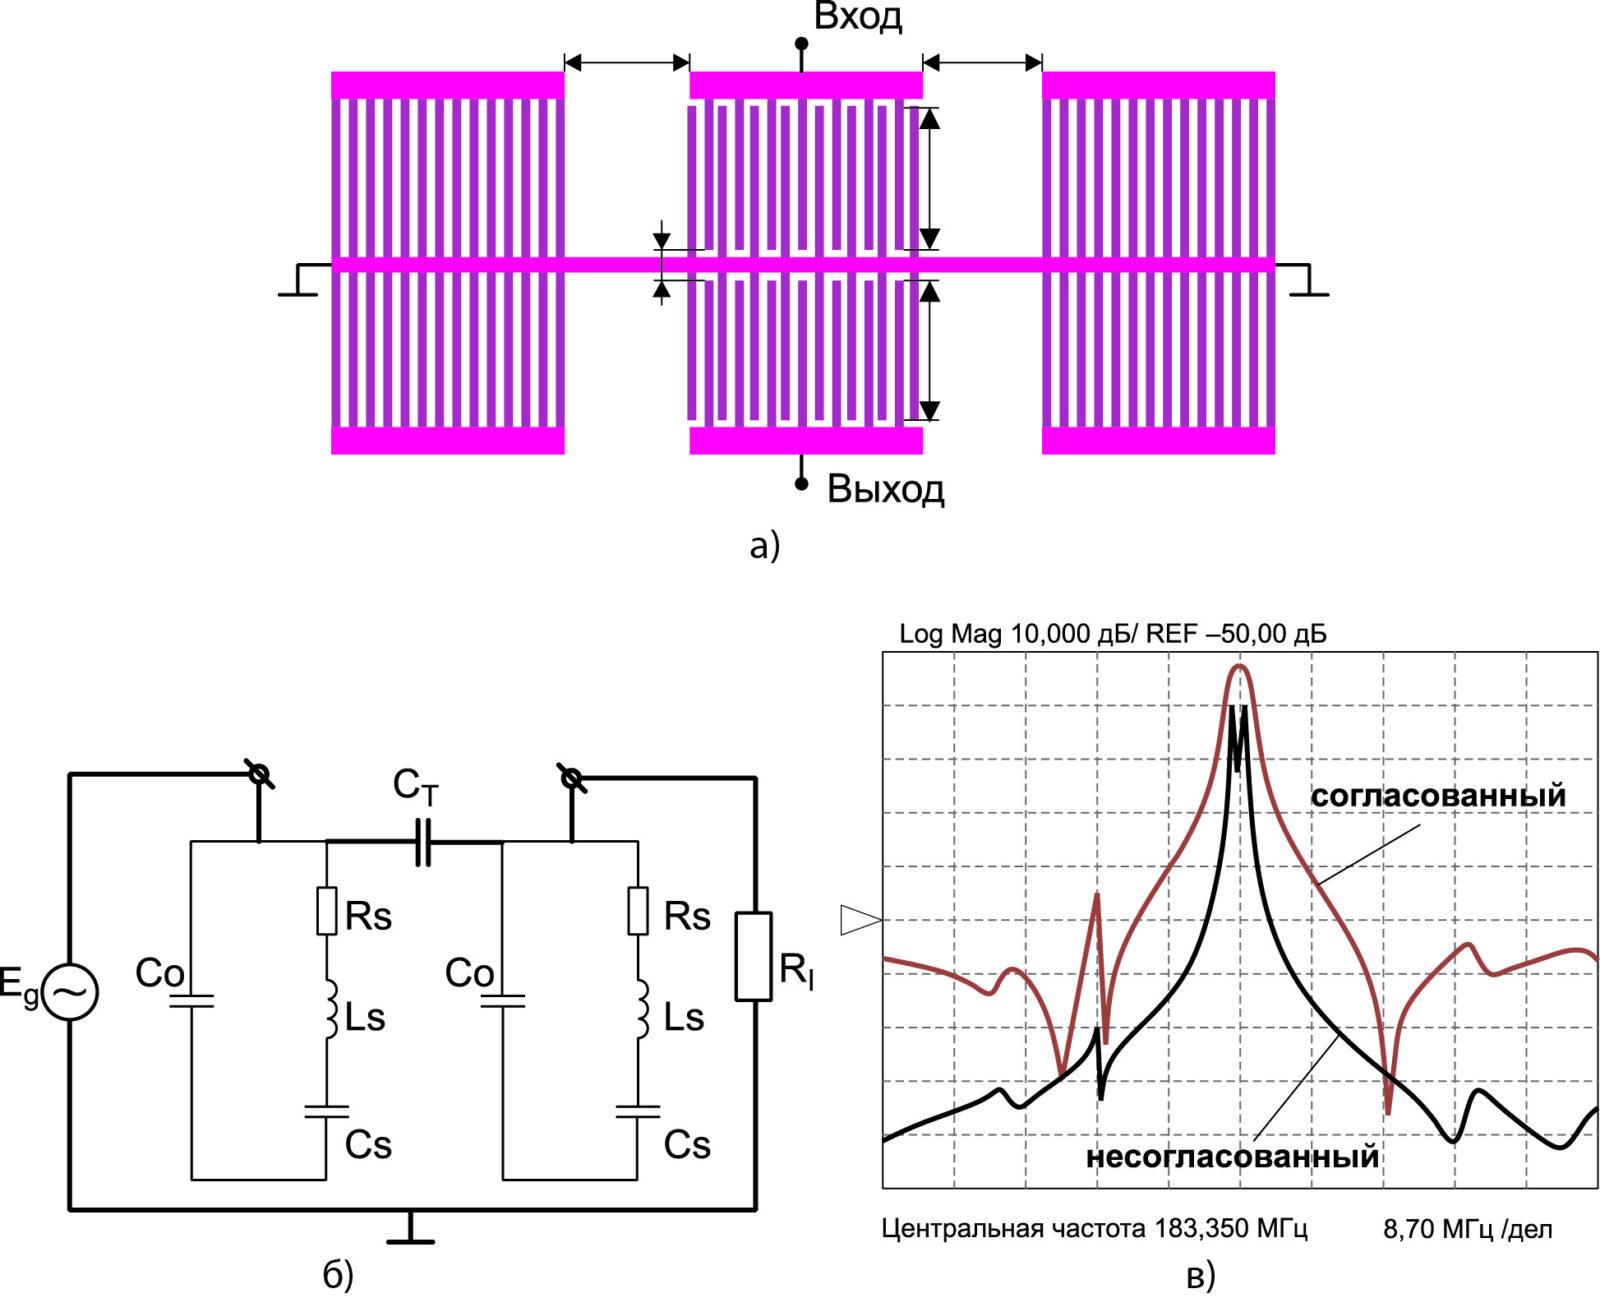 Структура резонаторного фильтра с поперечной акустической связью